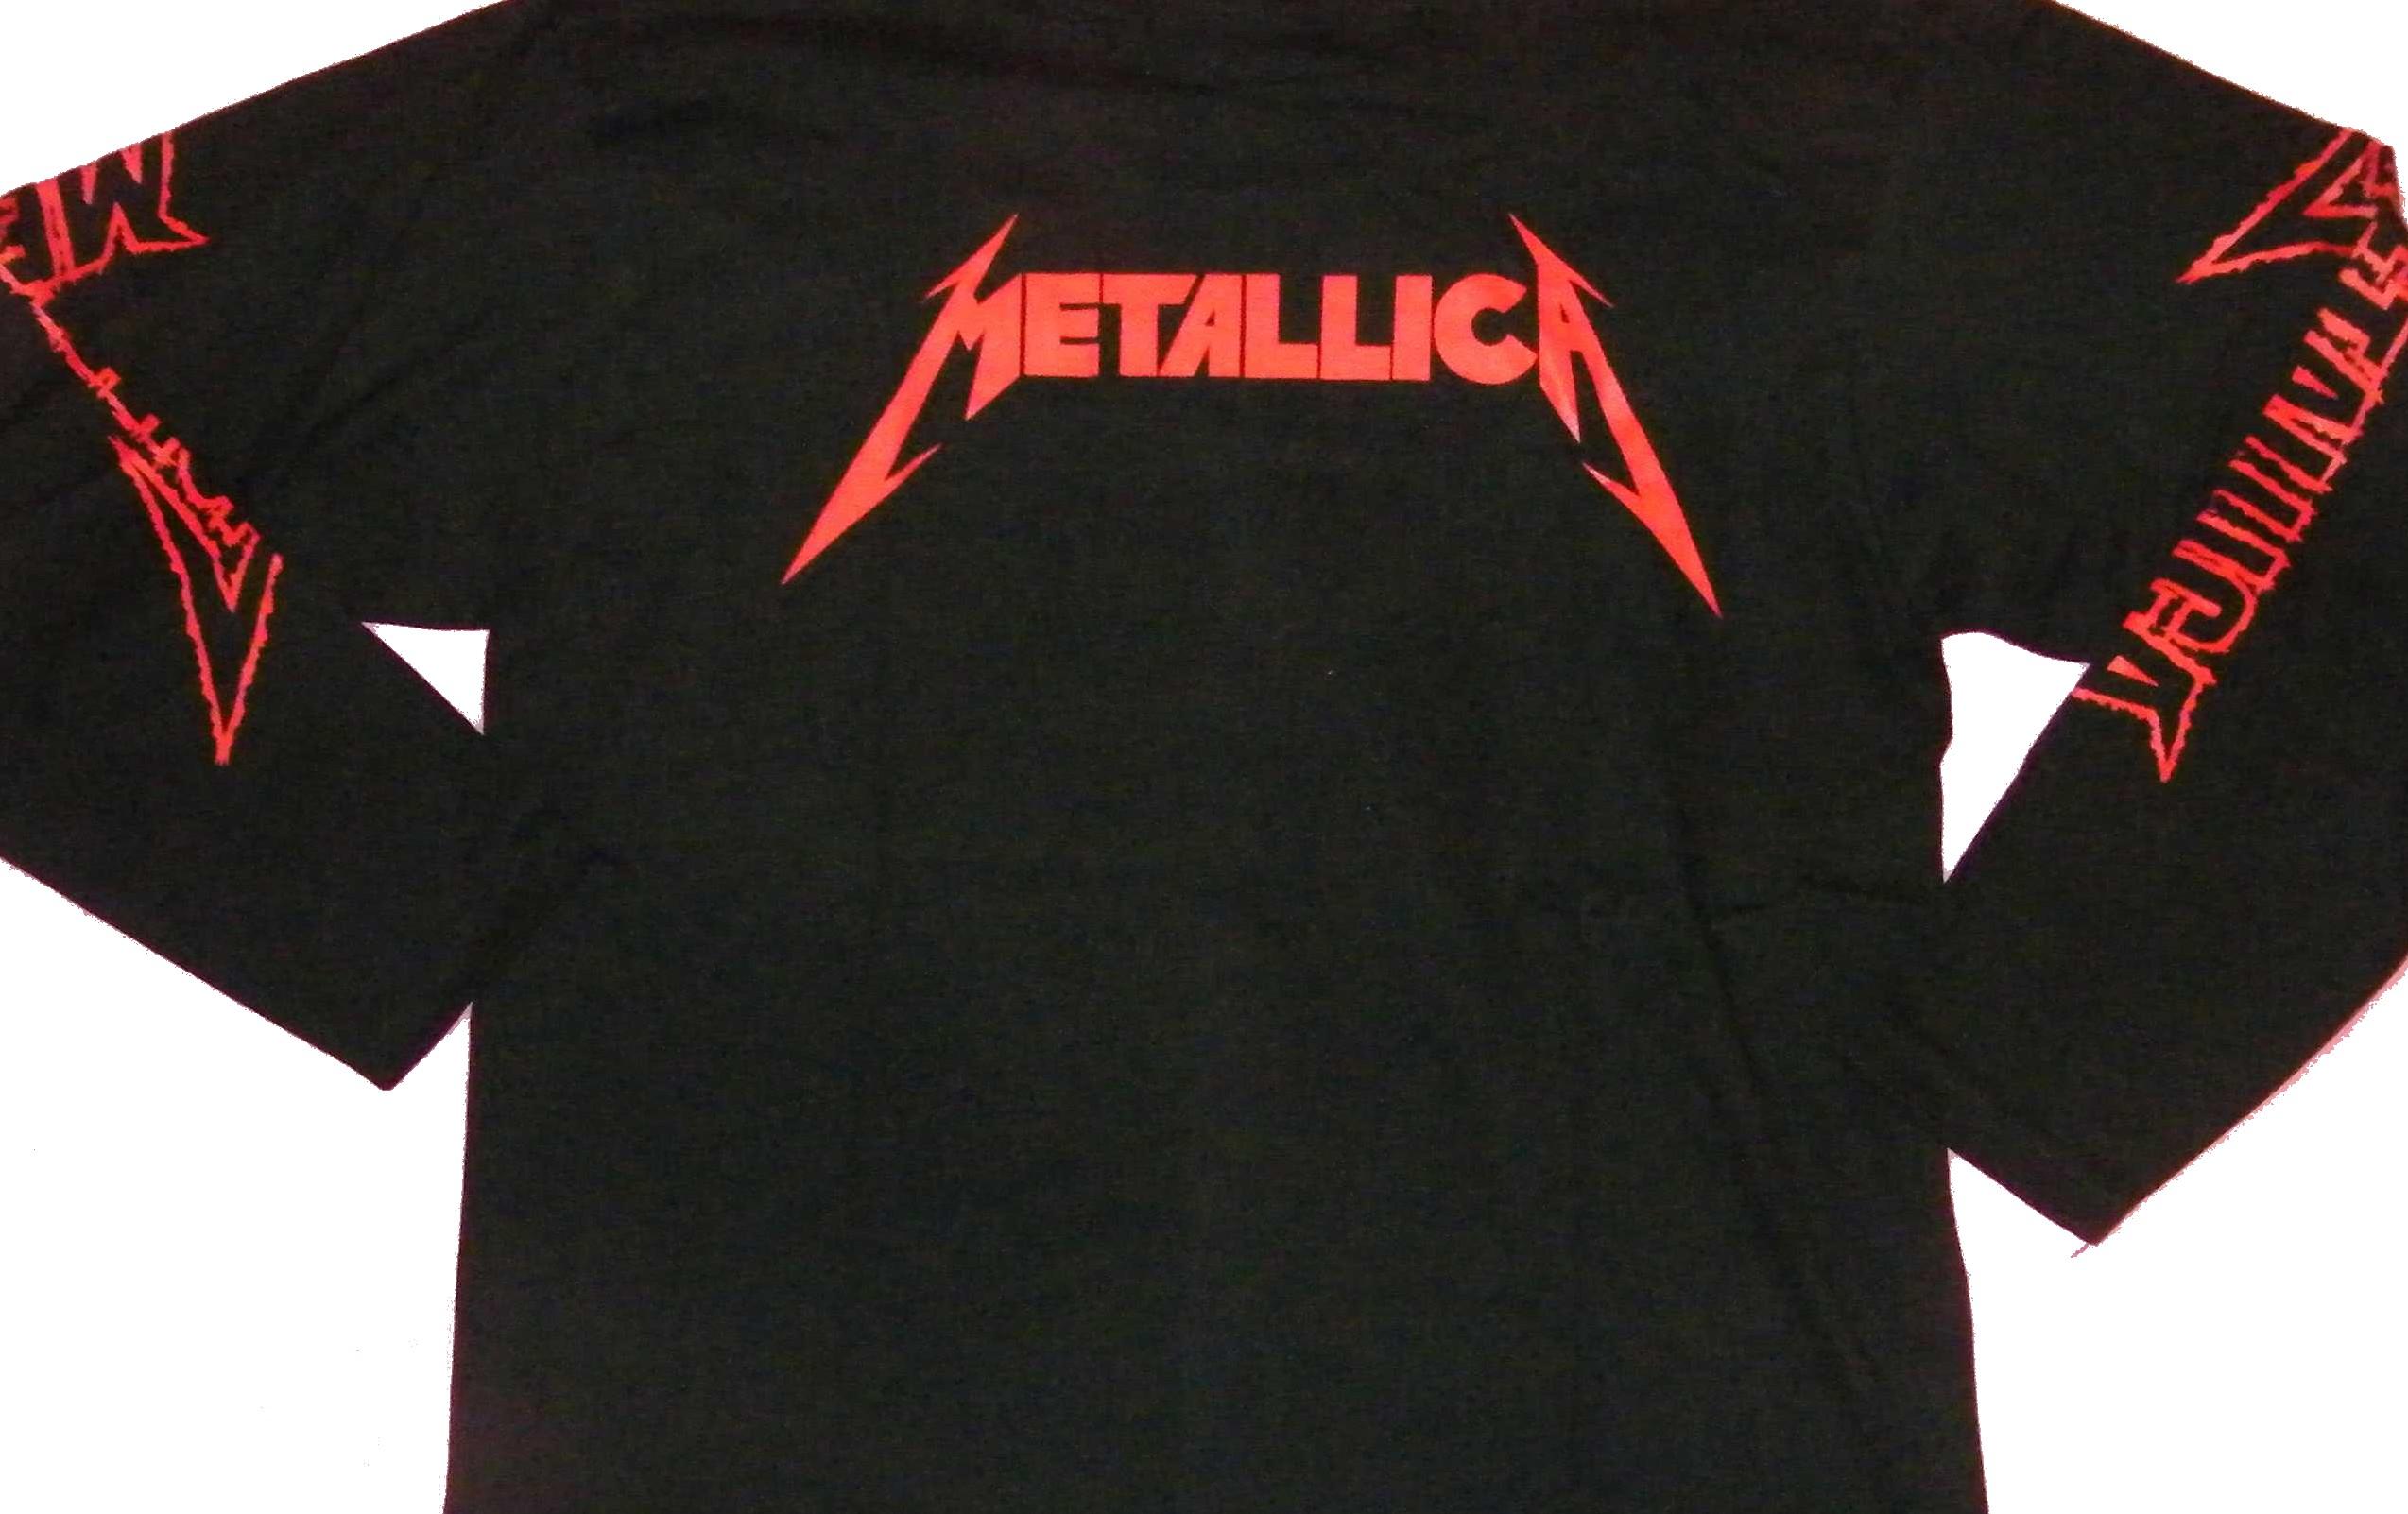 e4977de12 Metallica long-sleeved t-shirt Jump in the Fire size L – RoxxBKK